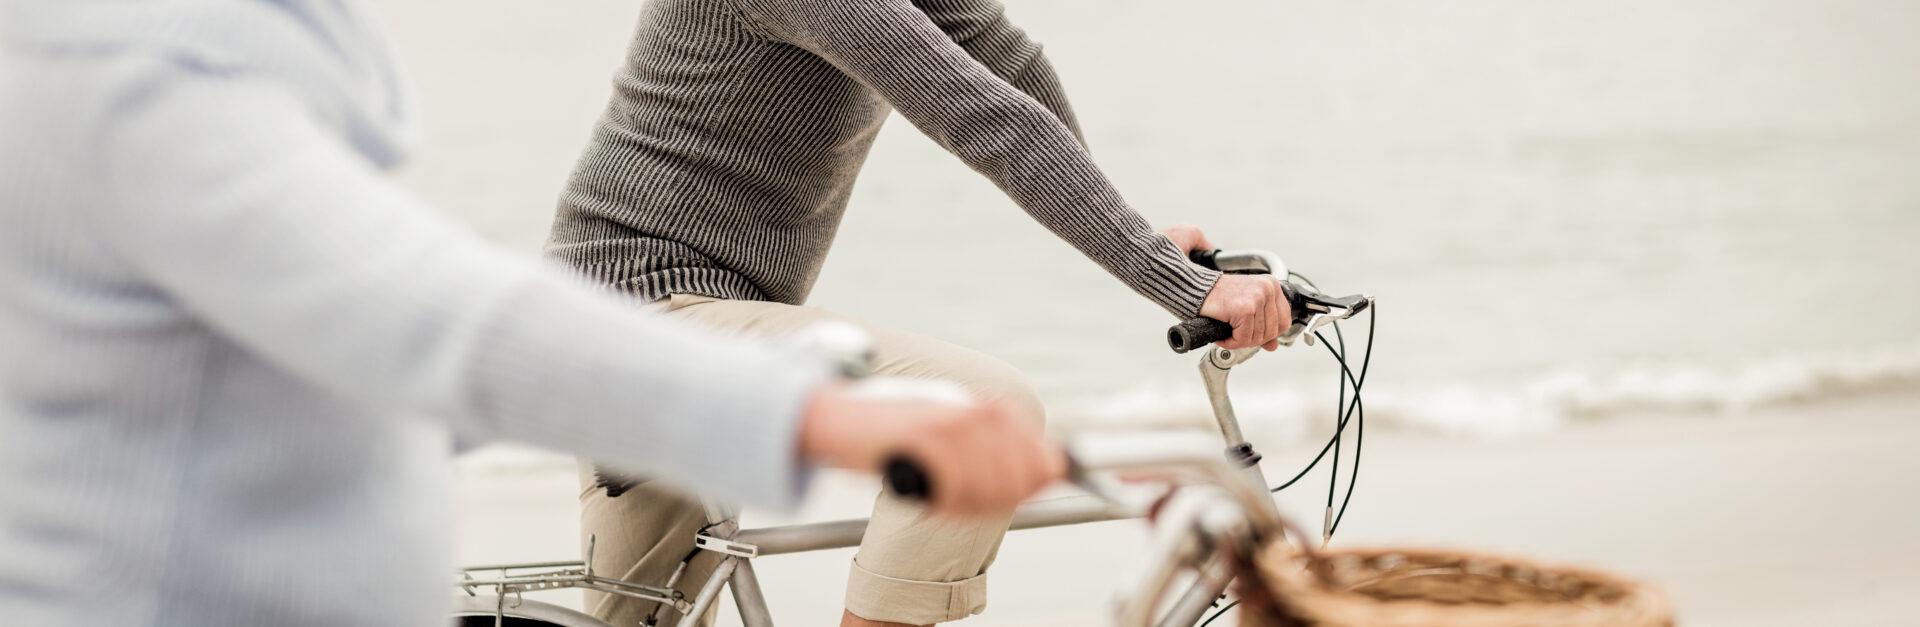 keskmine kaalulangus nadalas jalgrattasoit vajadus slimida reied kiiresti